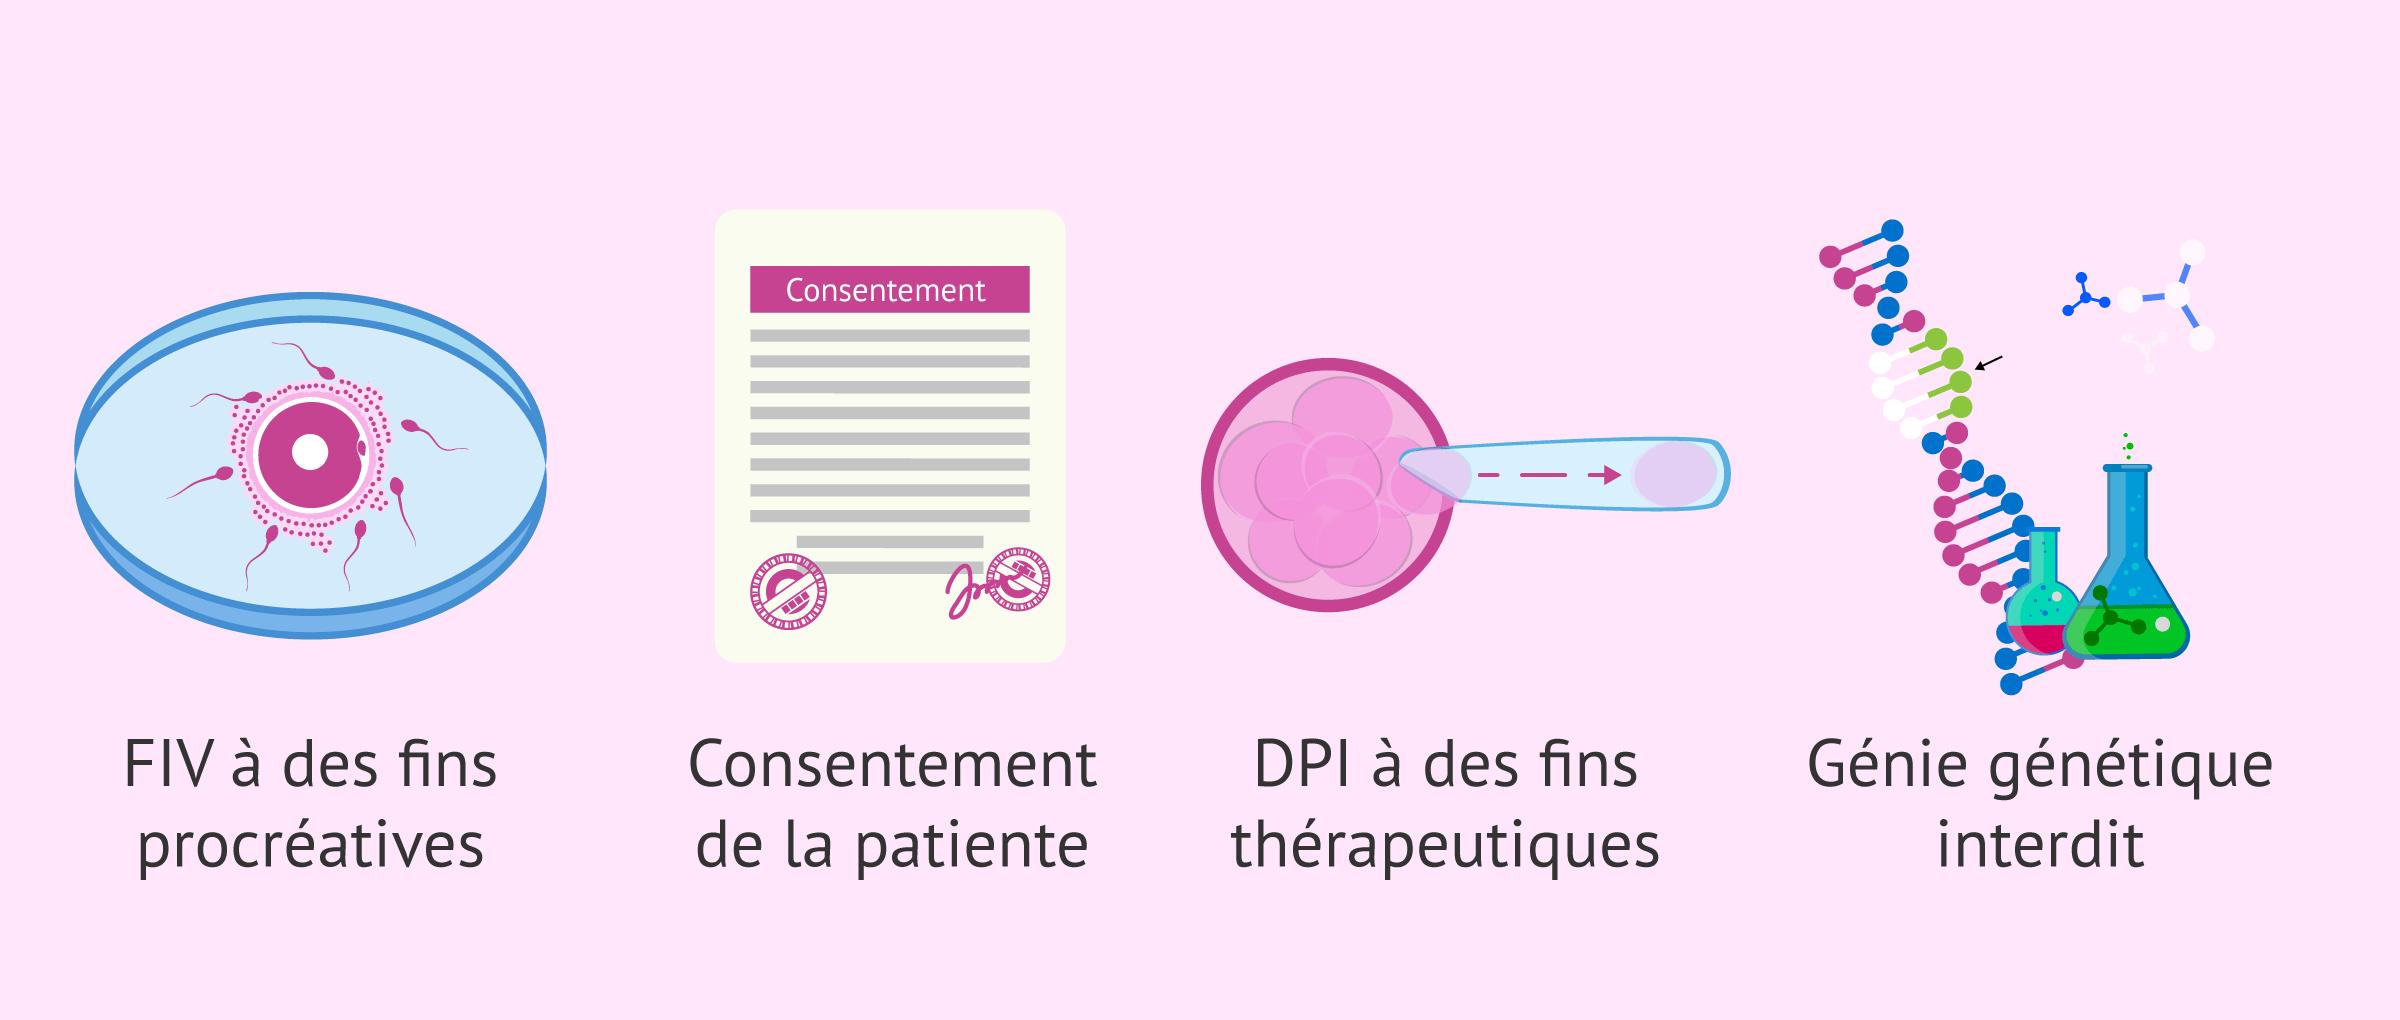 Réglementation de la procréation et de la manipulation génétique au Panama